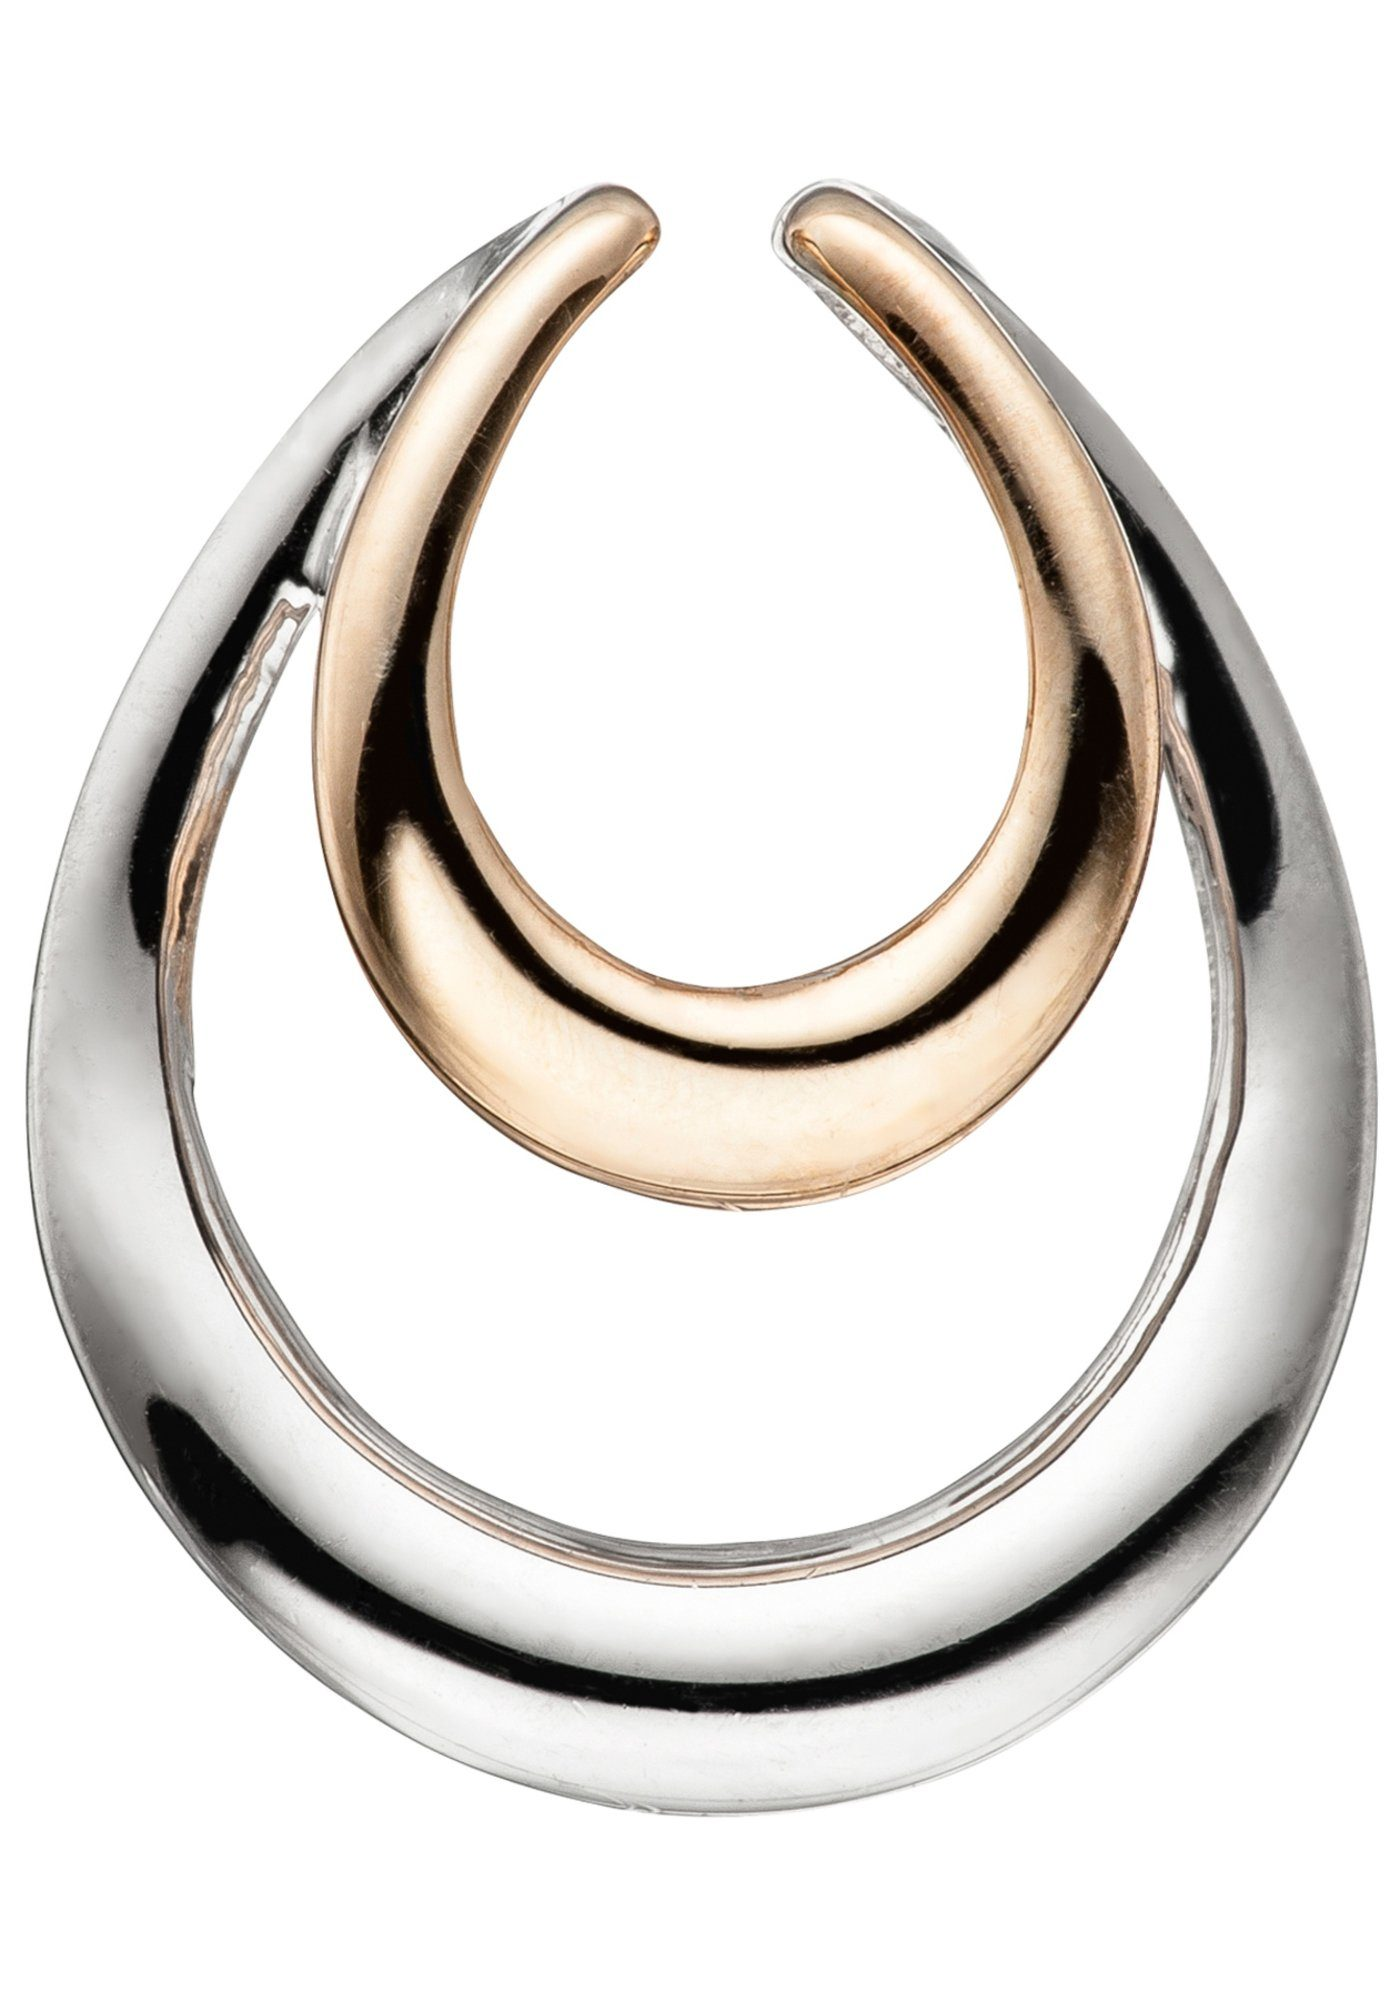 JOBO Kettenanhänger Tropfen 925 Silber bicolor vergoldet